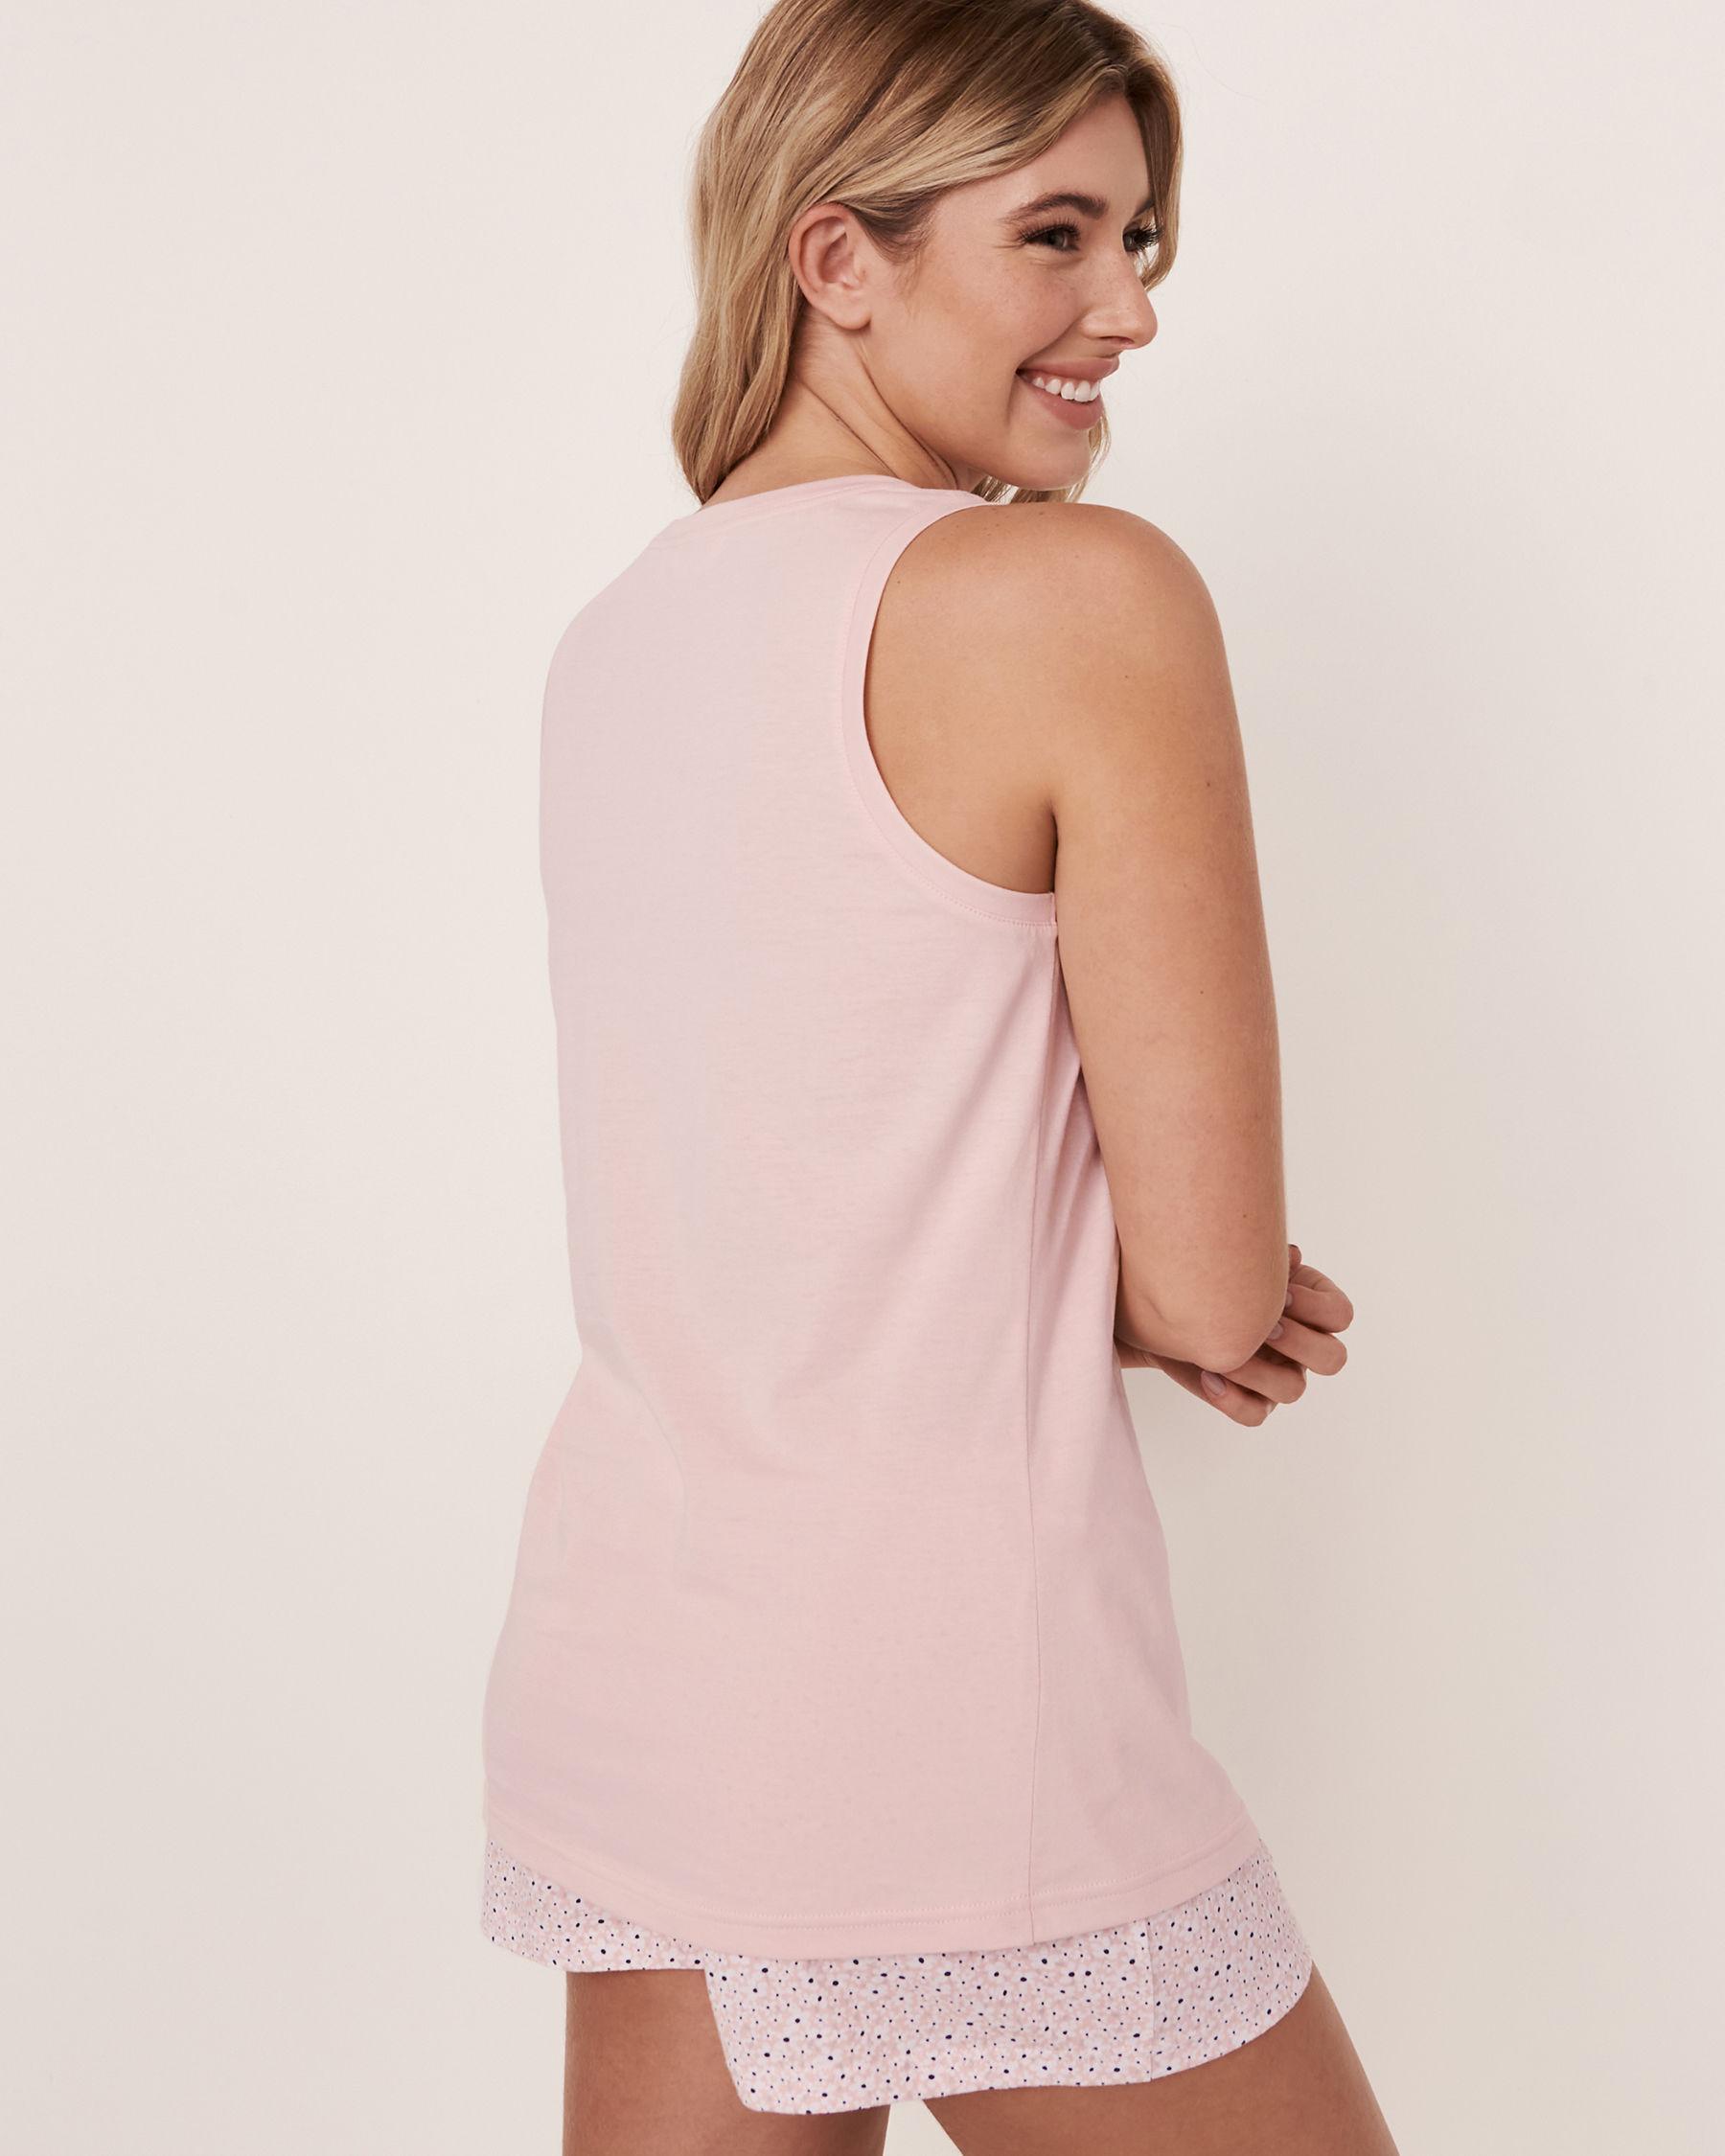 LA VIE EN ROSE Camisole bretelles larges encolure ronde Rose pâle 40100113 - Voir2